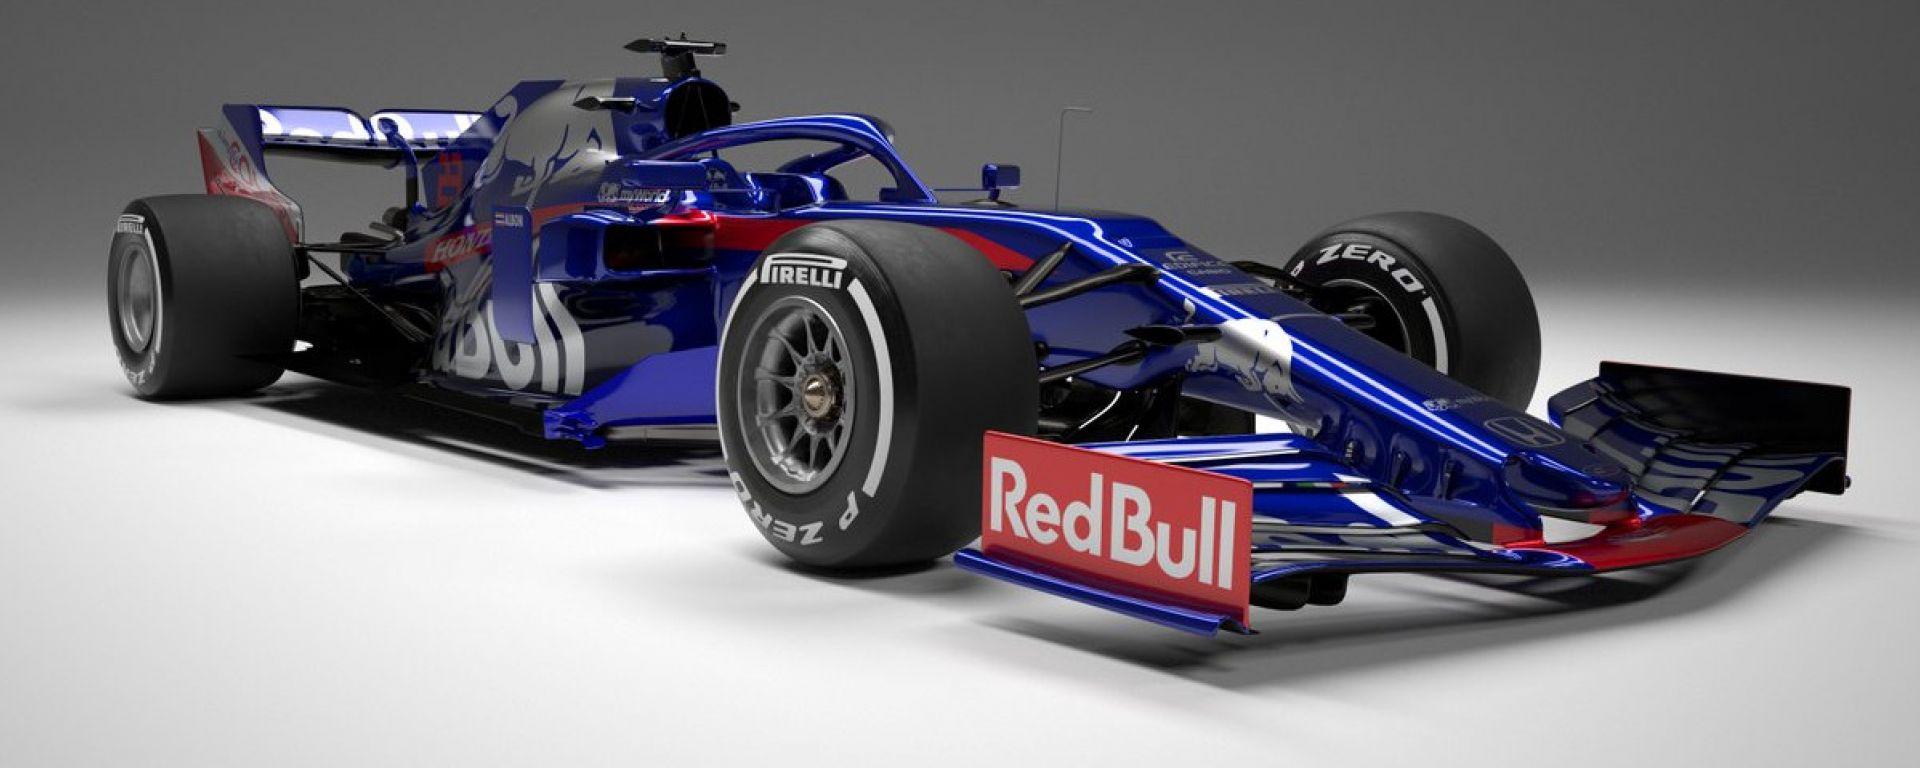 Presentata la nuova Toro Rosso STR14. Video, gallery e dichiarazioni